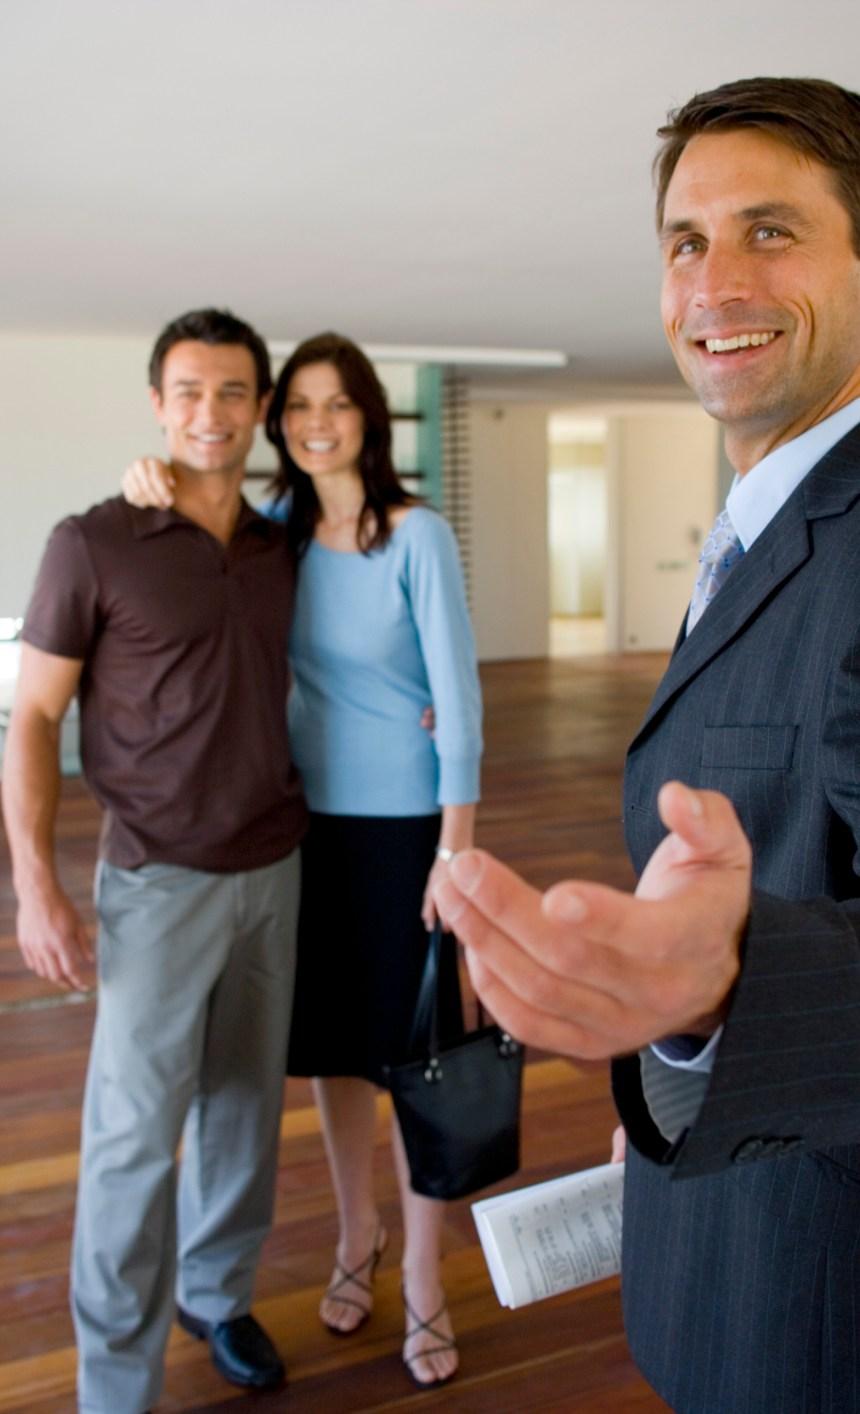 Perché l'agente immobiliare deve essere presente durante la visita